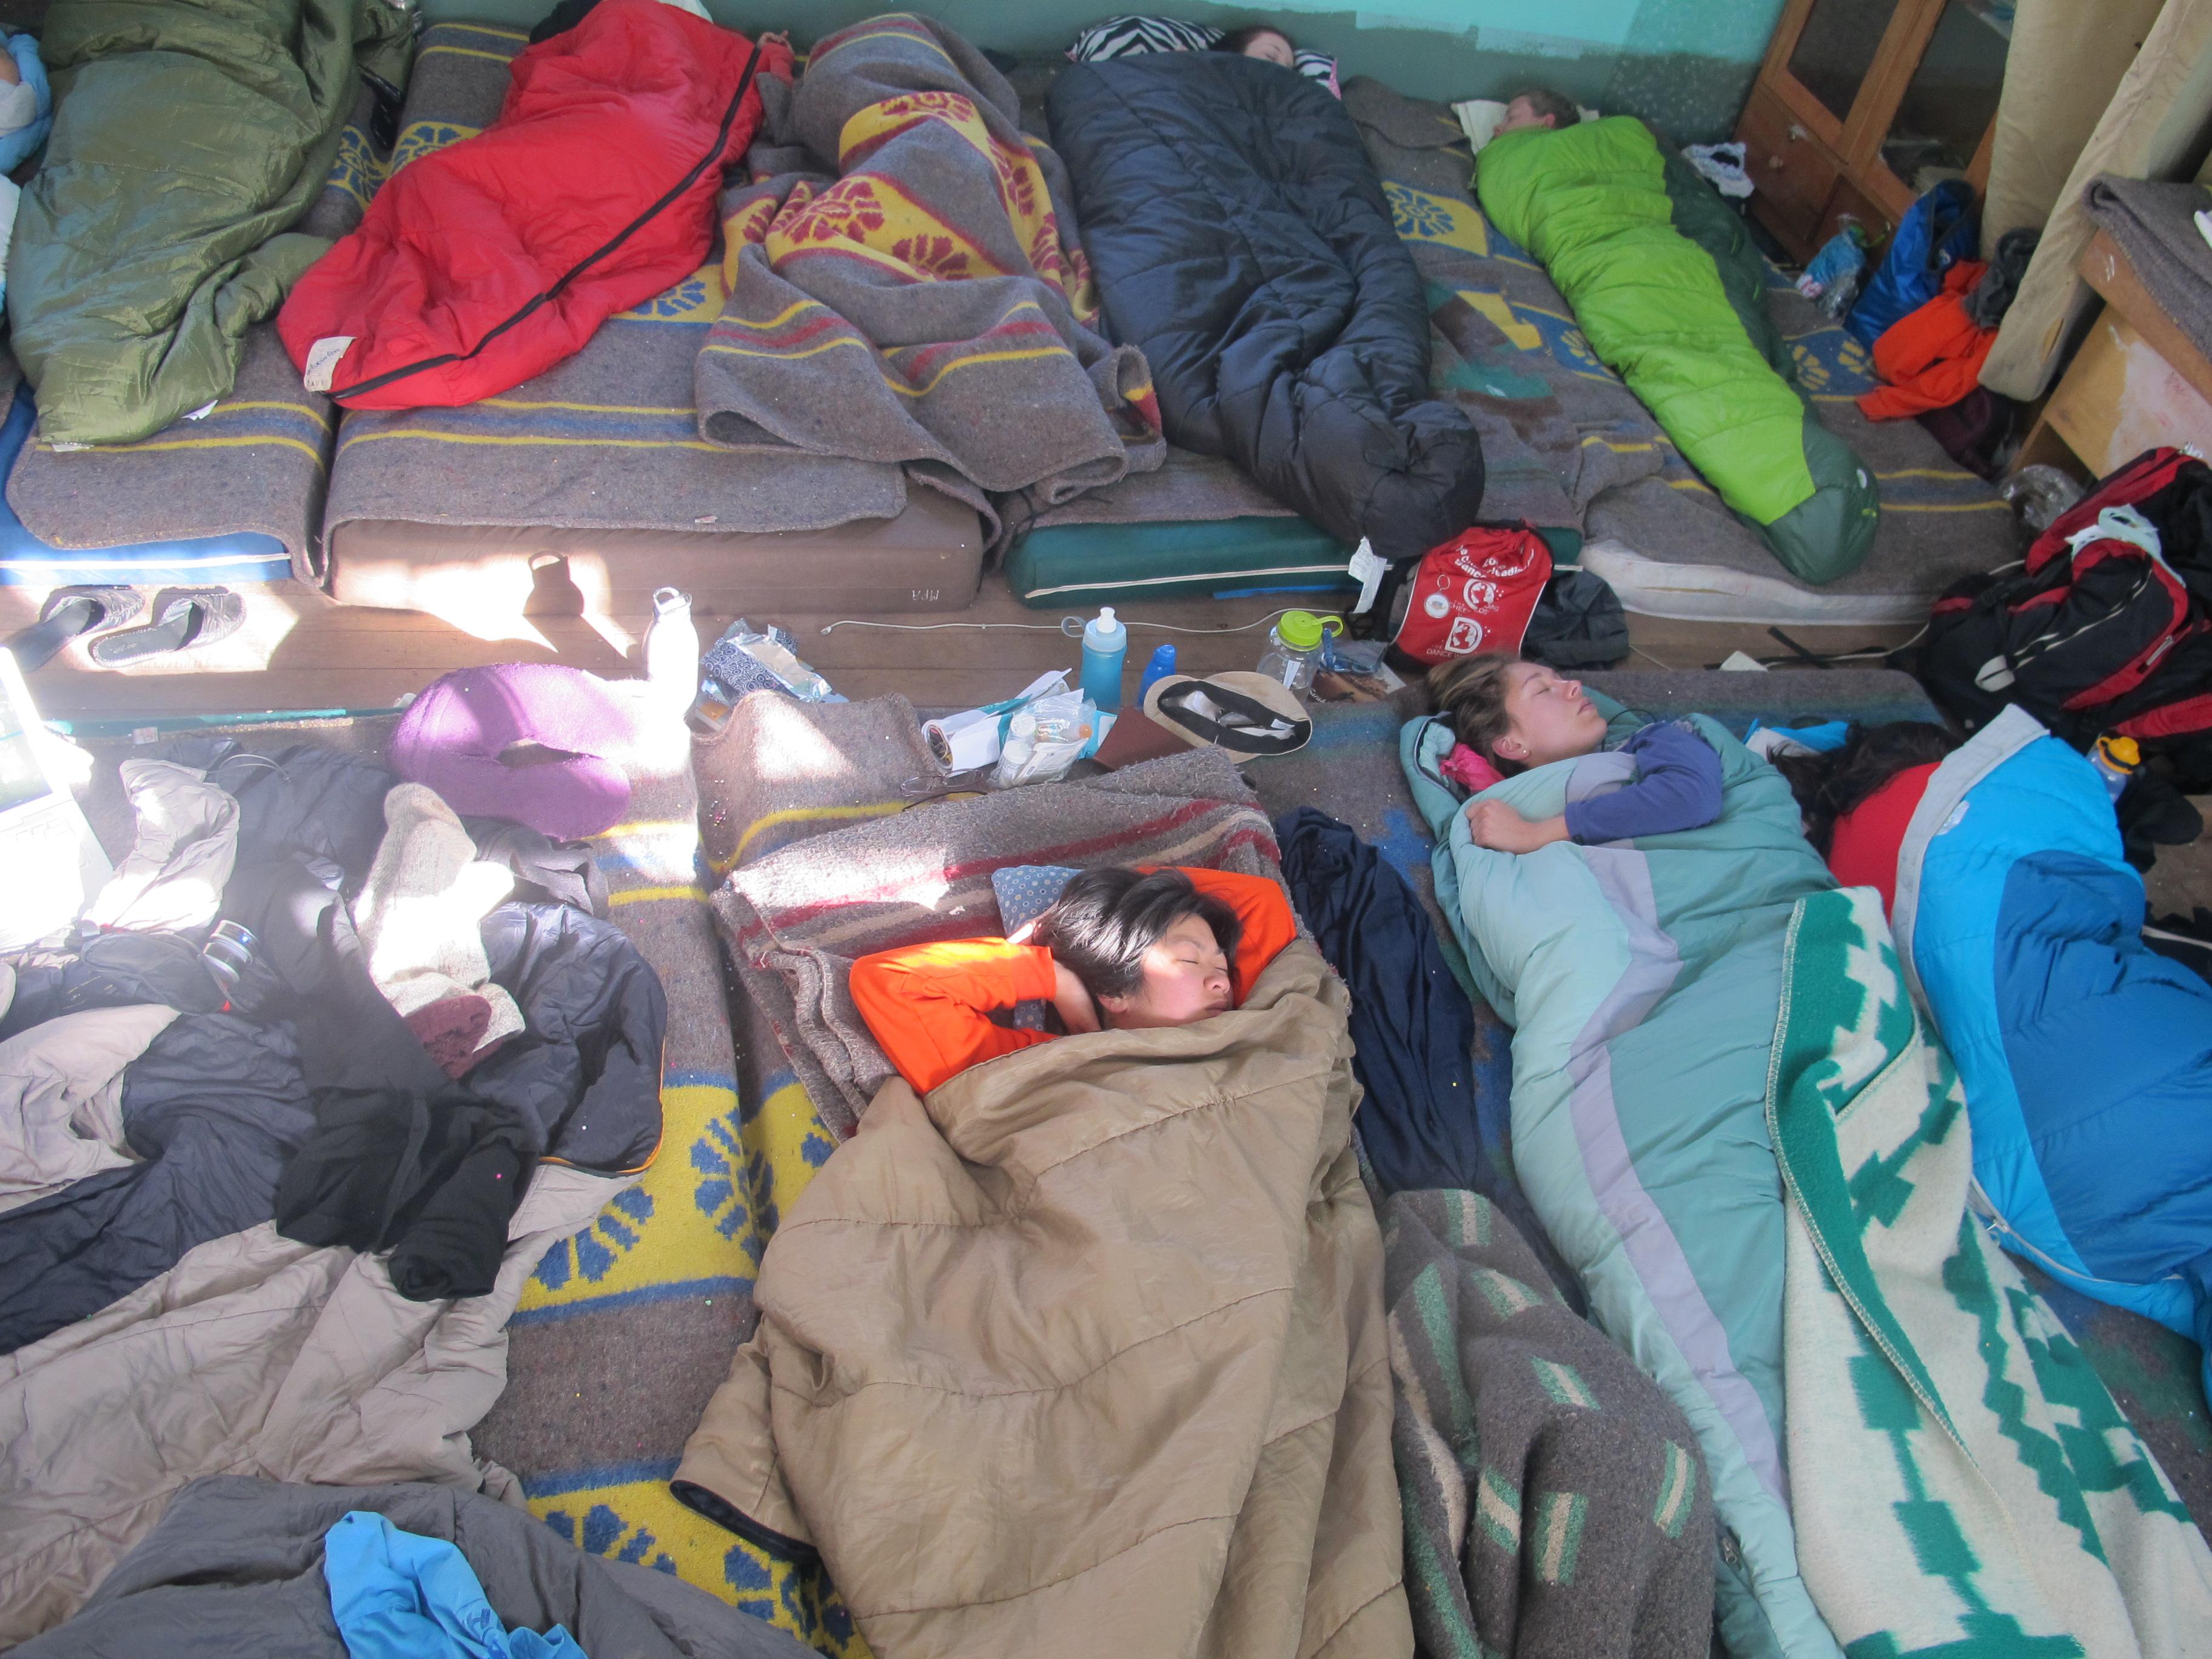 llacta slumber party